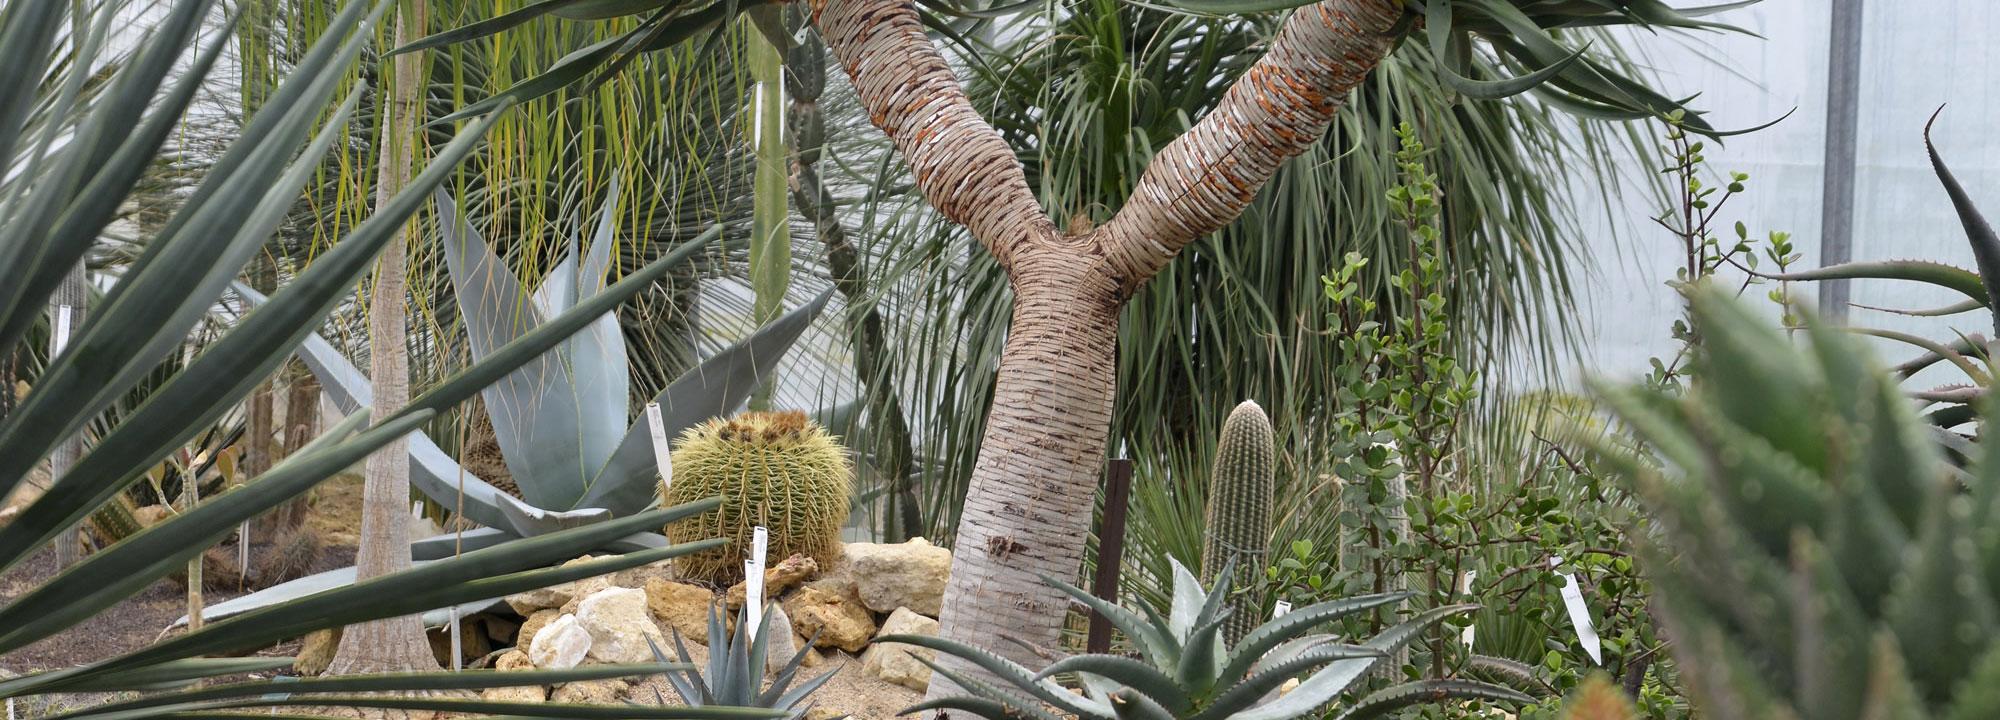 Serre des plantes succulentes à Chèvreloup © MNHN - S. Gerbault